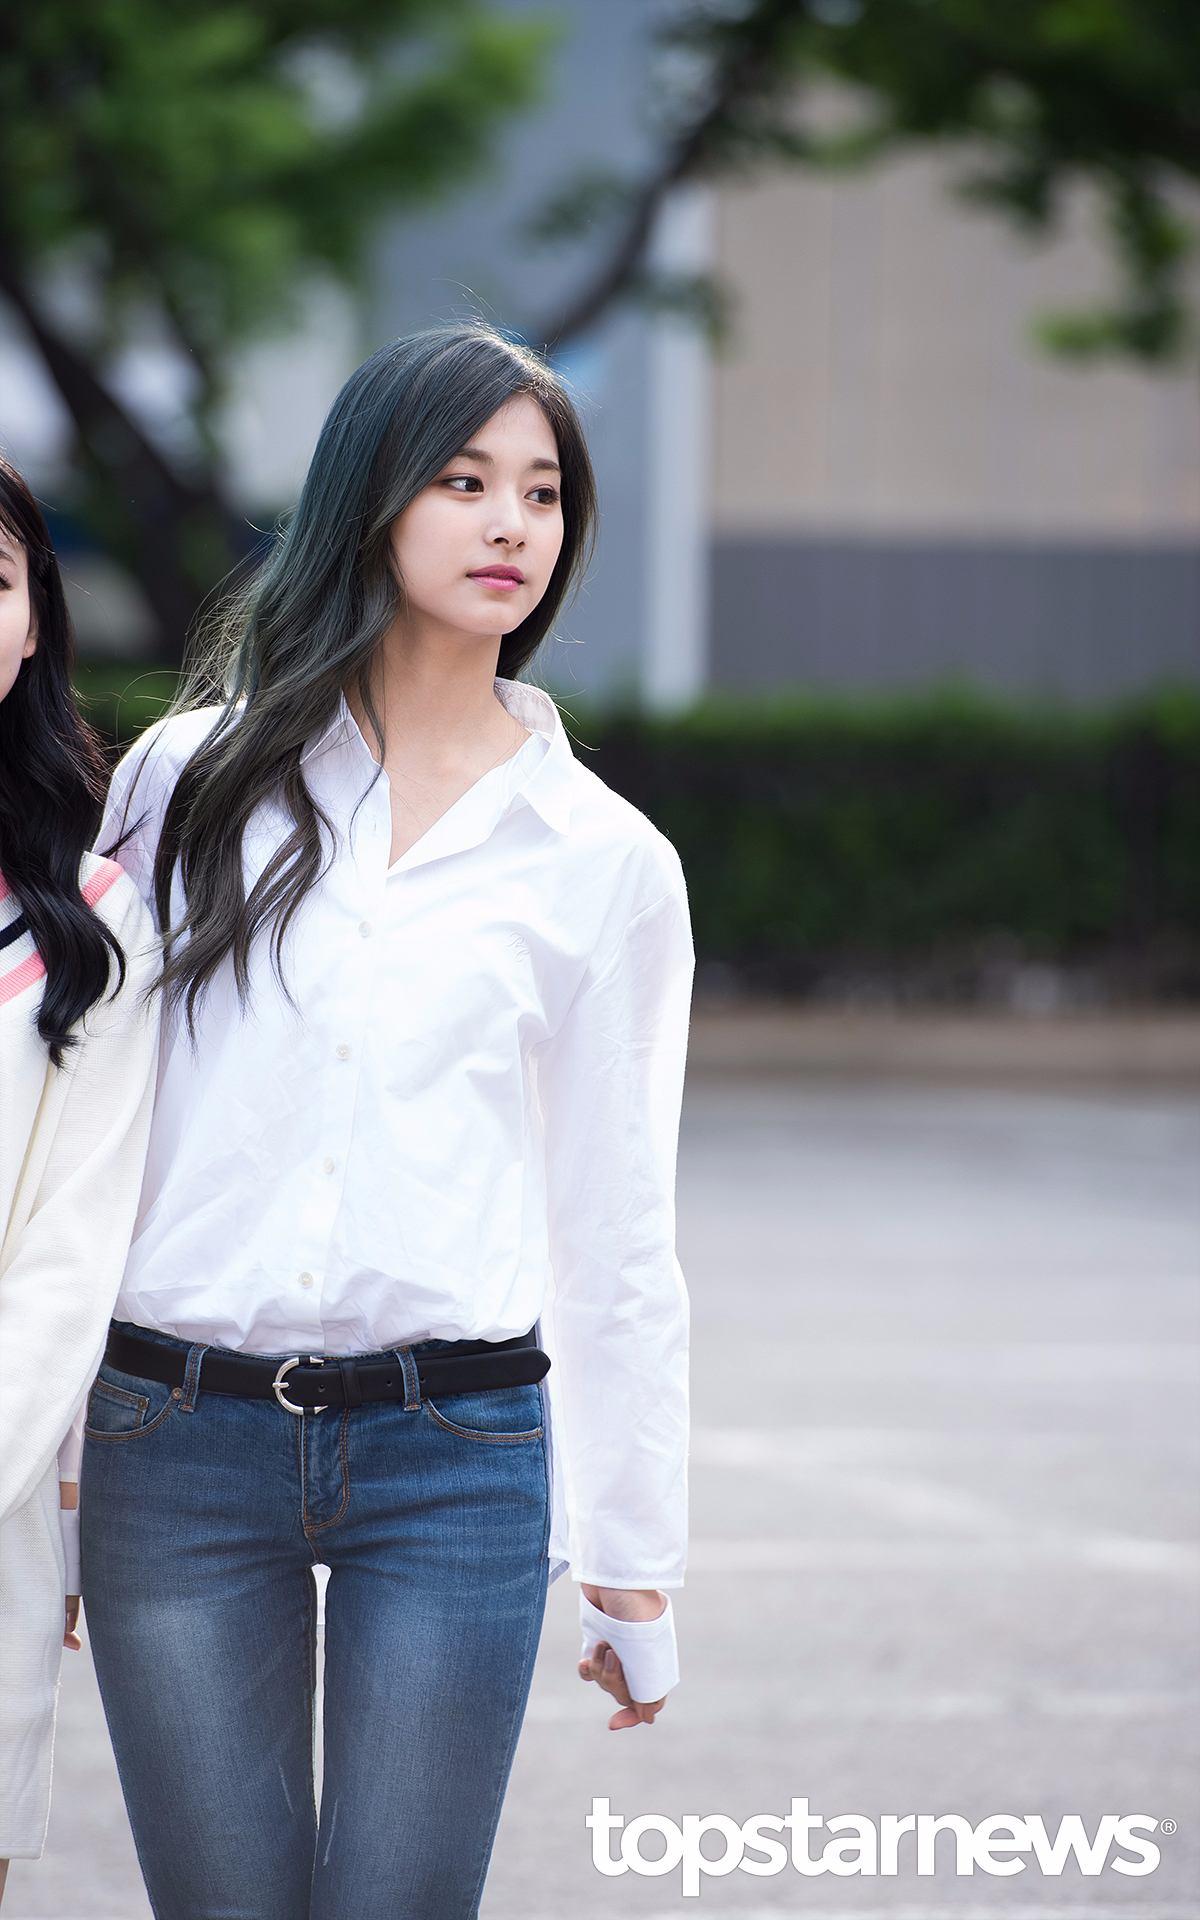 不喜歡穿裙子的女生,也可以參考子瑜這套白襯衫加牛仔褲(雖然看起來有點熱…)